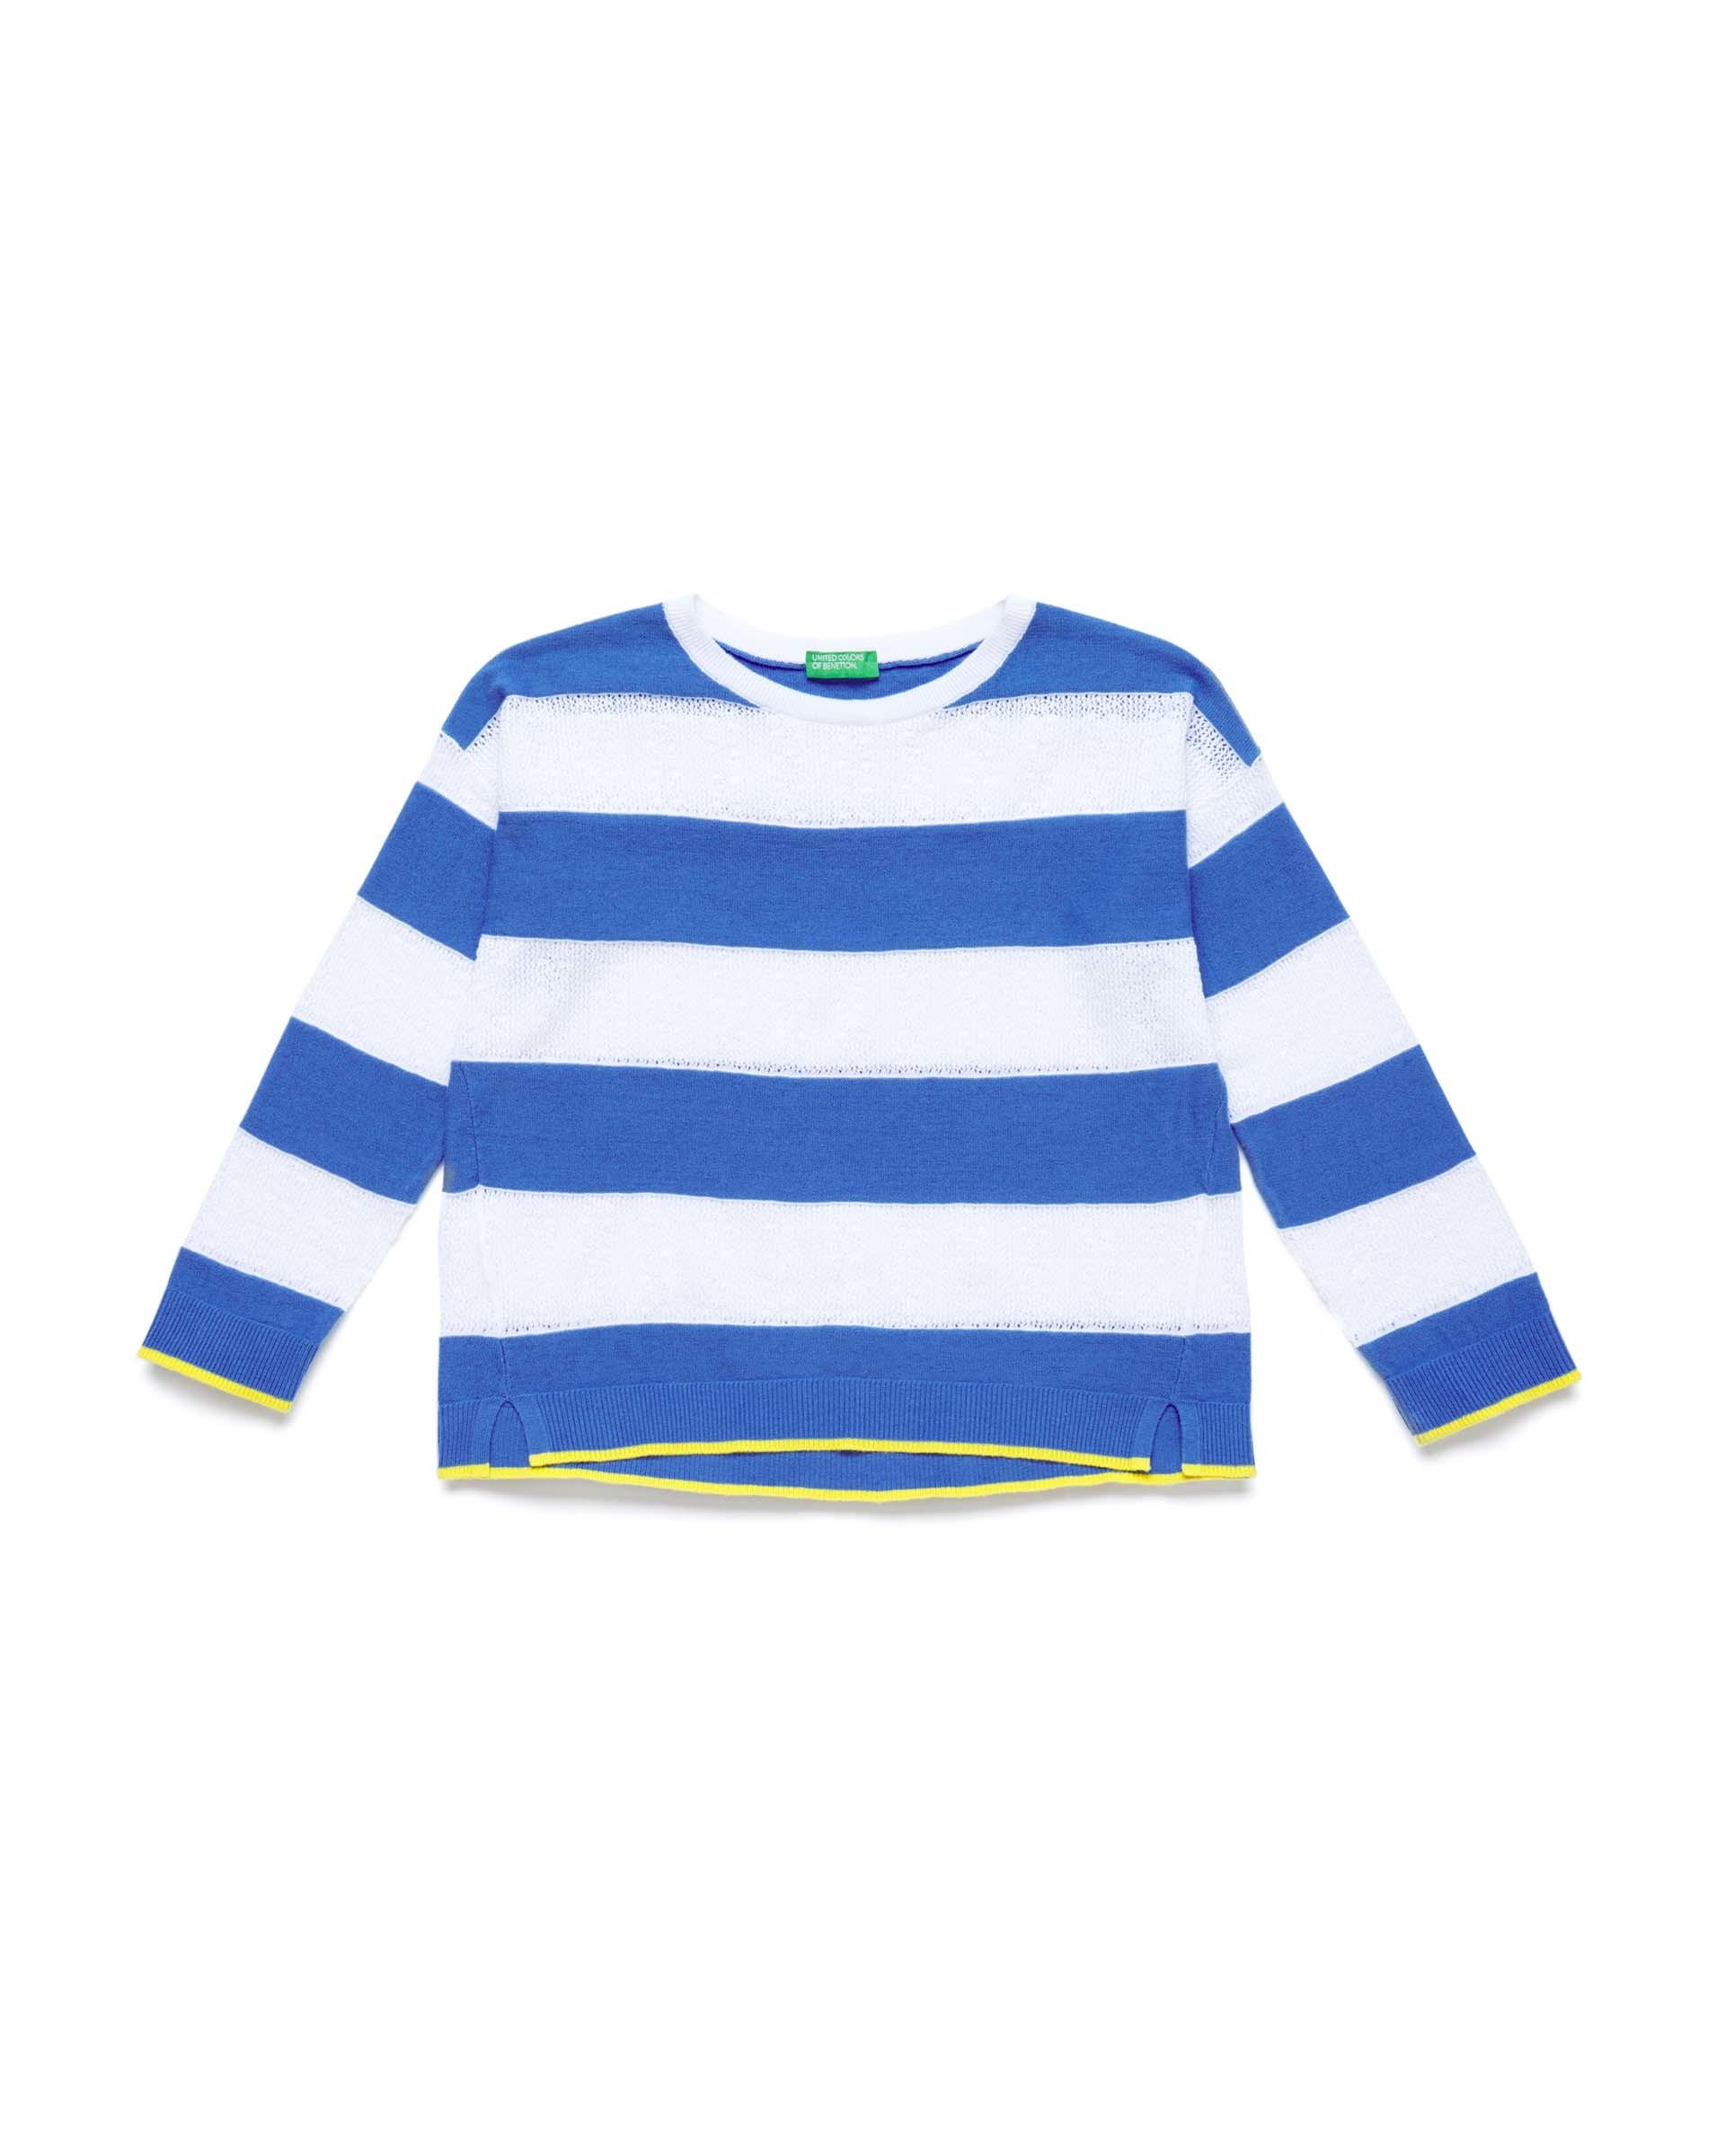 Купить 20P_10C1Q1899_08A, Джемпер для девочек Benetton 10C1Q1899_08A р-р 140, United Colors of Benetton, Джемперы для девочек